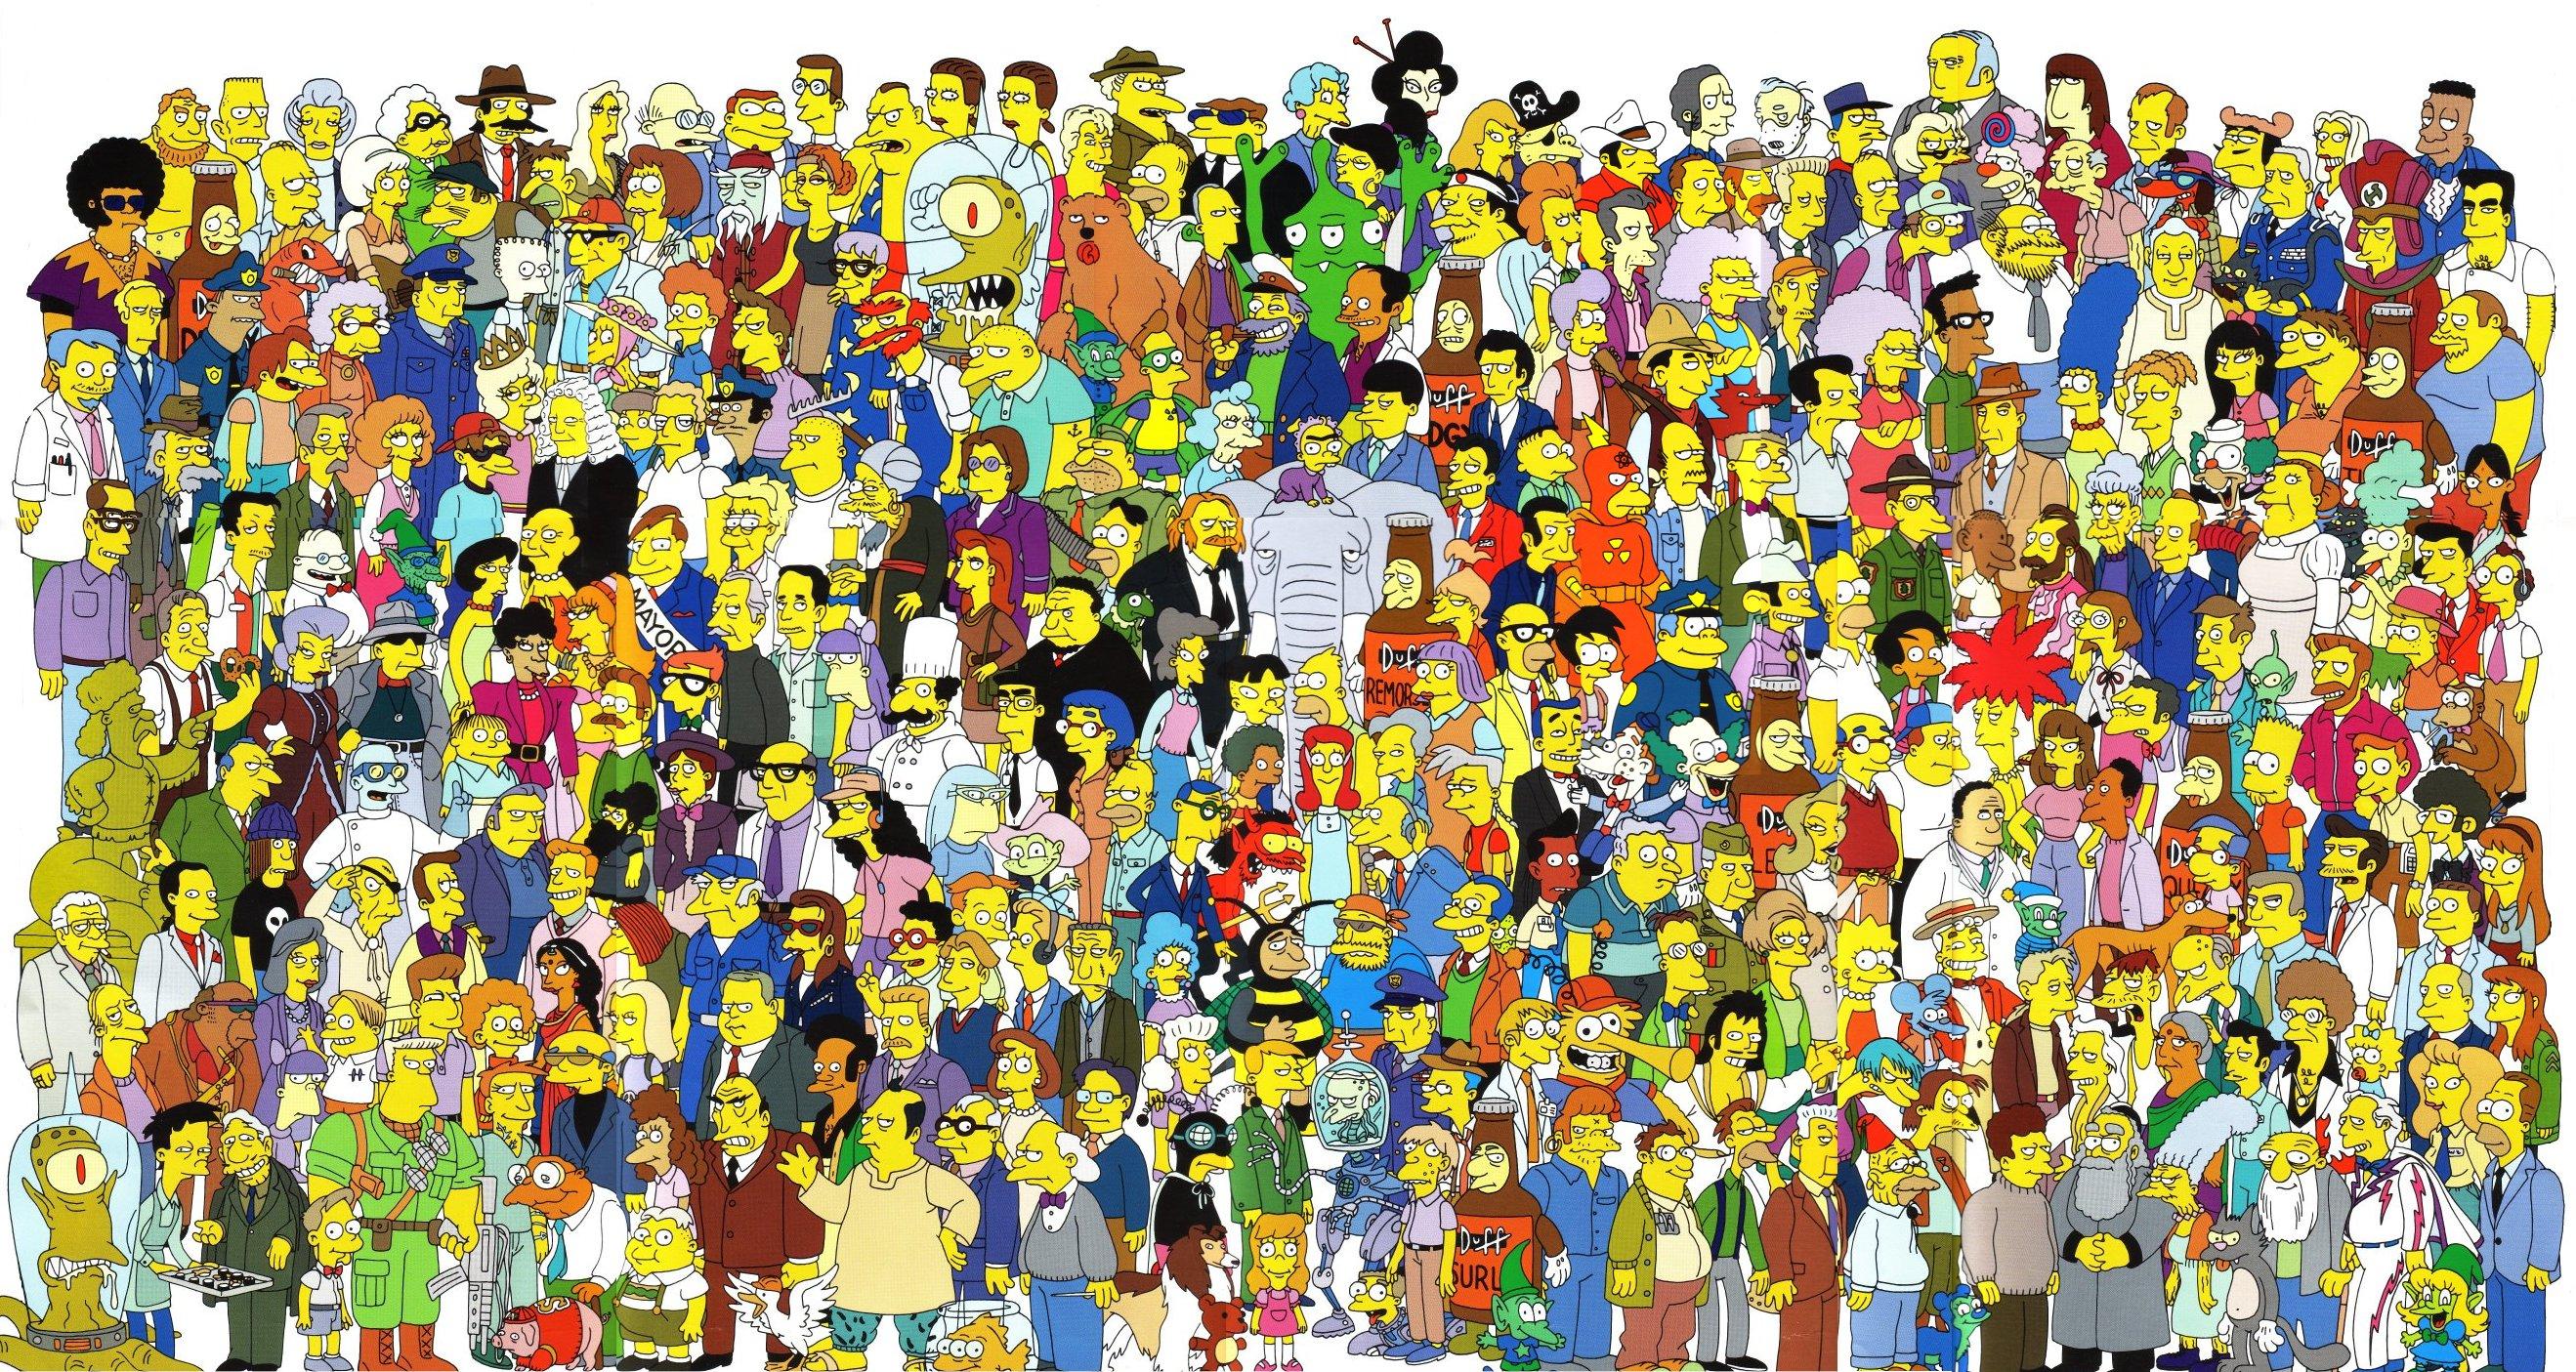 Pósters con todos los personajes de los simpson y futurama